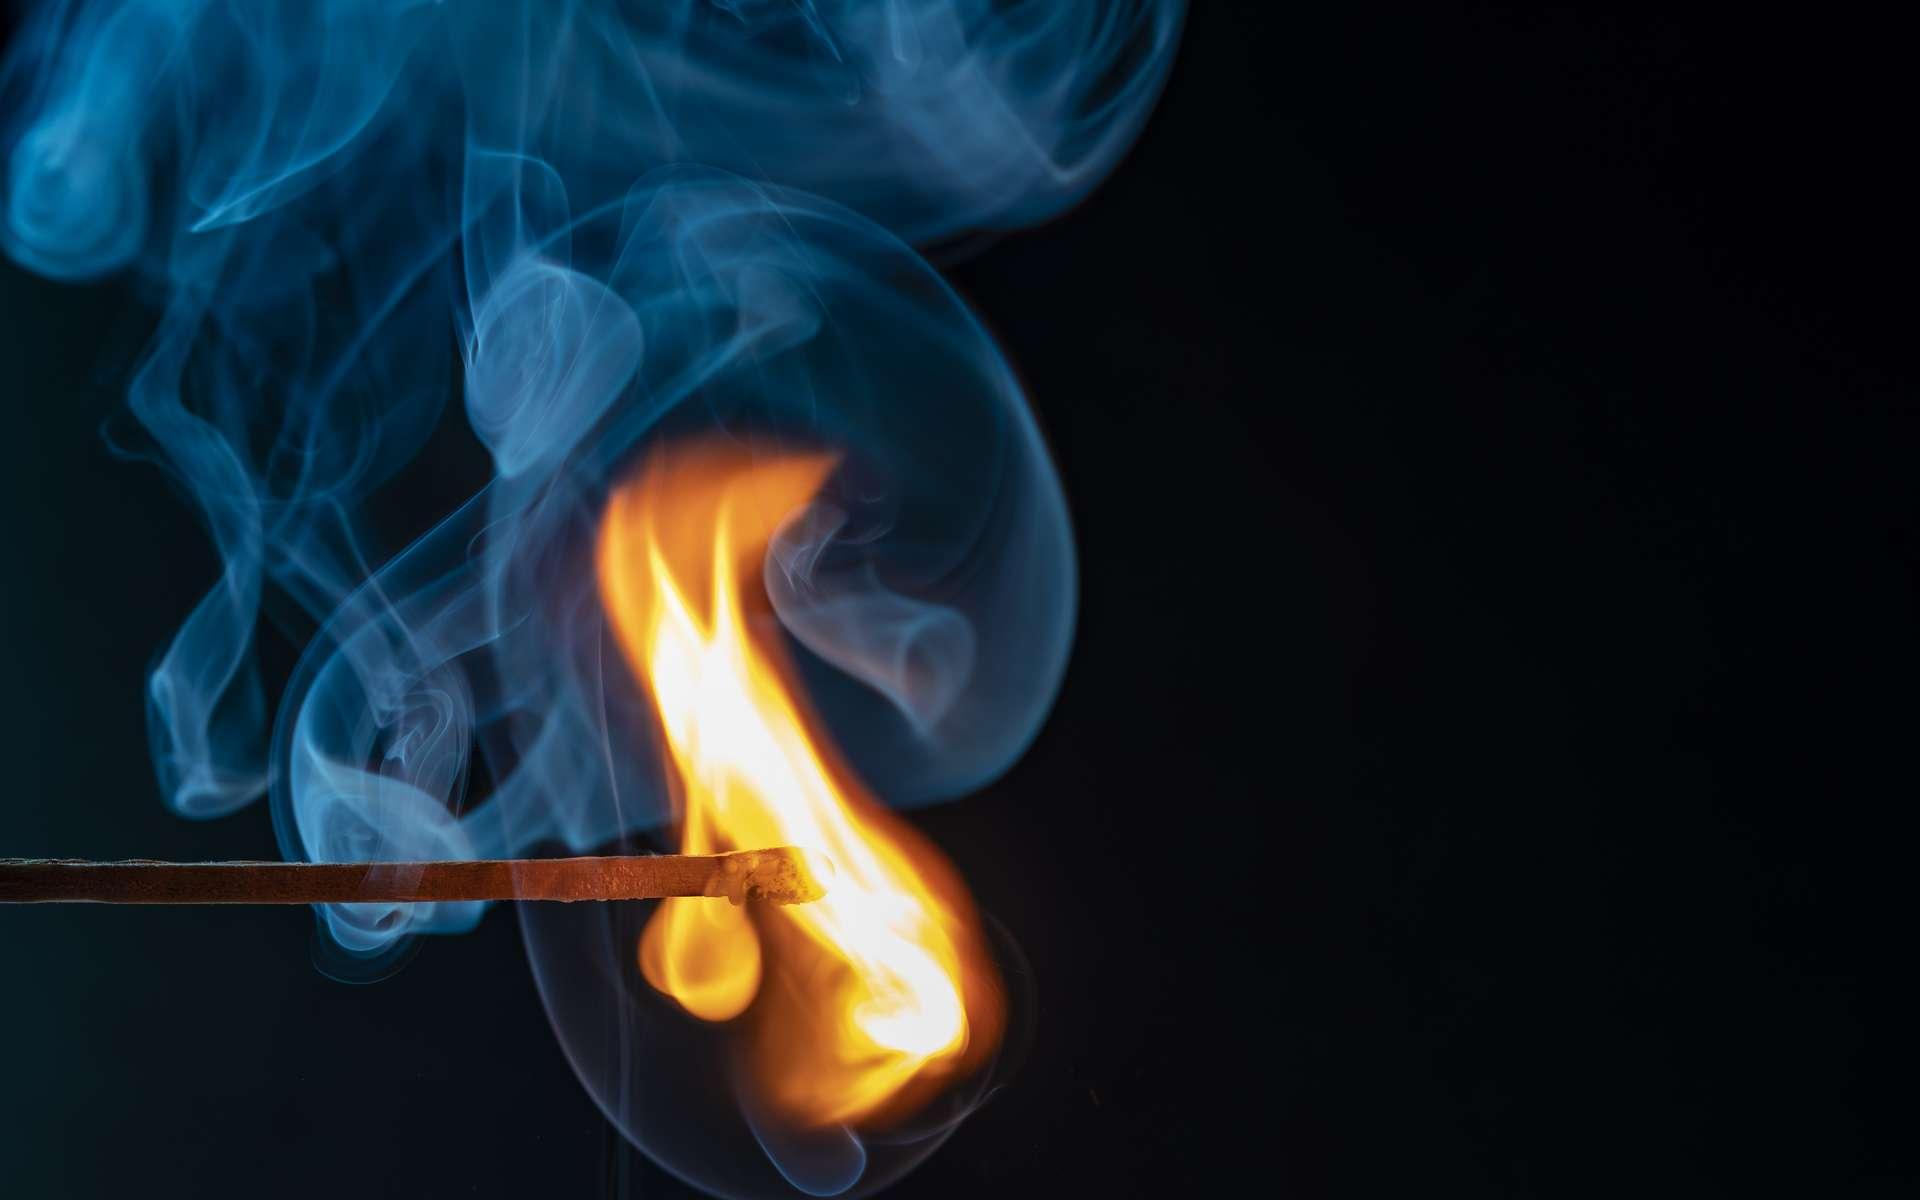 Une flamme chaude, sur Terre. © Uwe Hennig, Adobe Stock